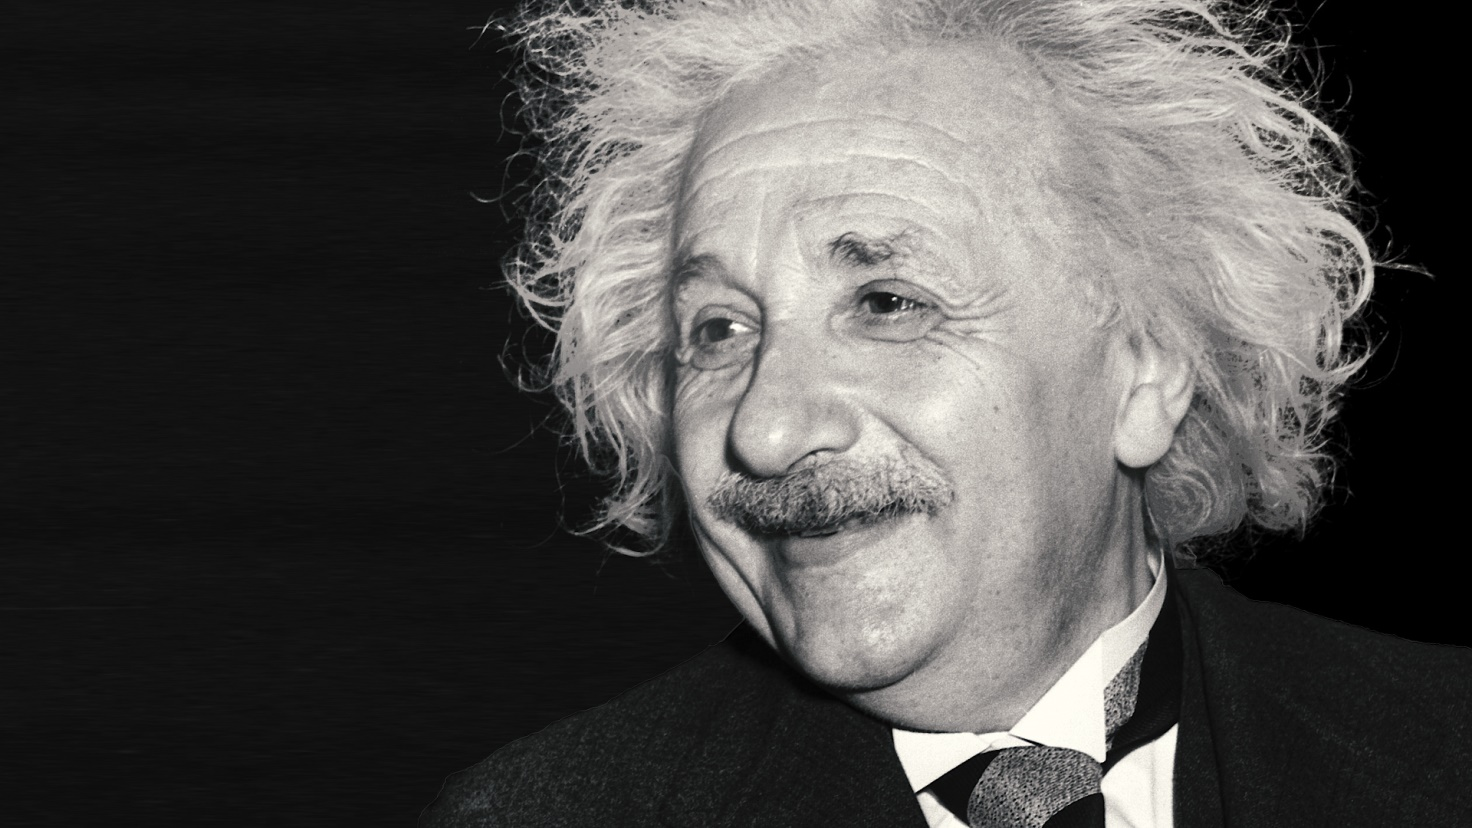 Acquisto di quote all'asta: sei fuori di testa o sei un genio degli affari?